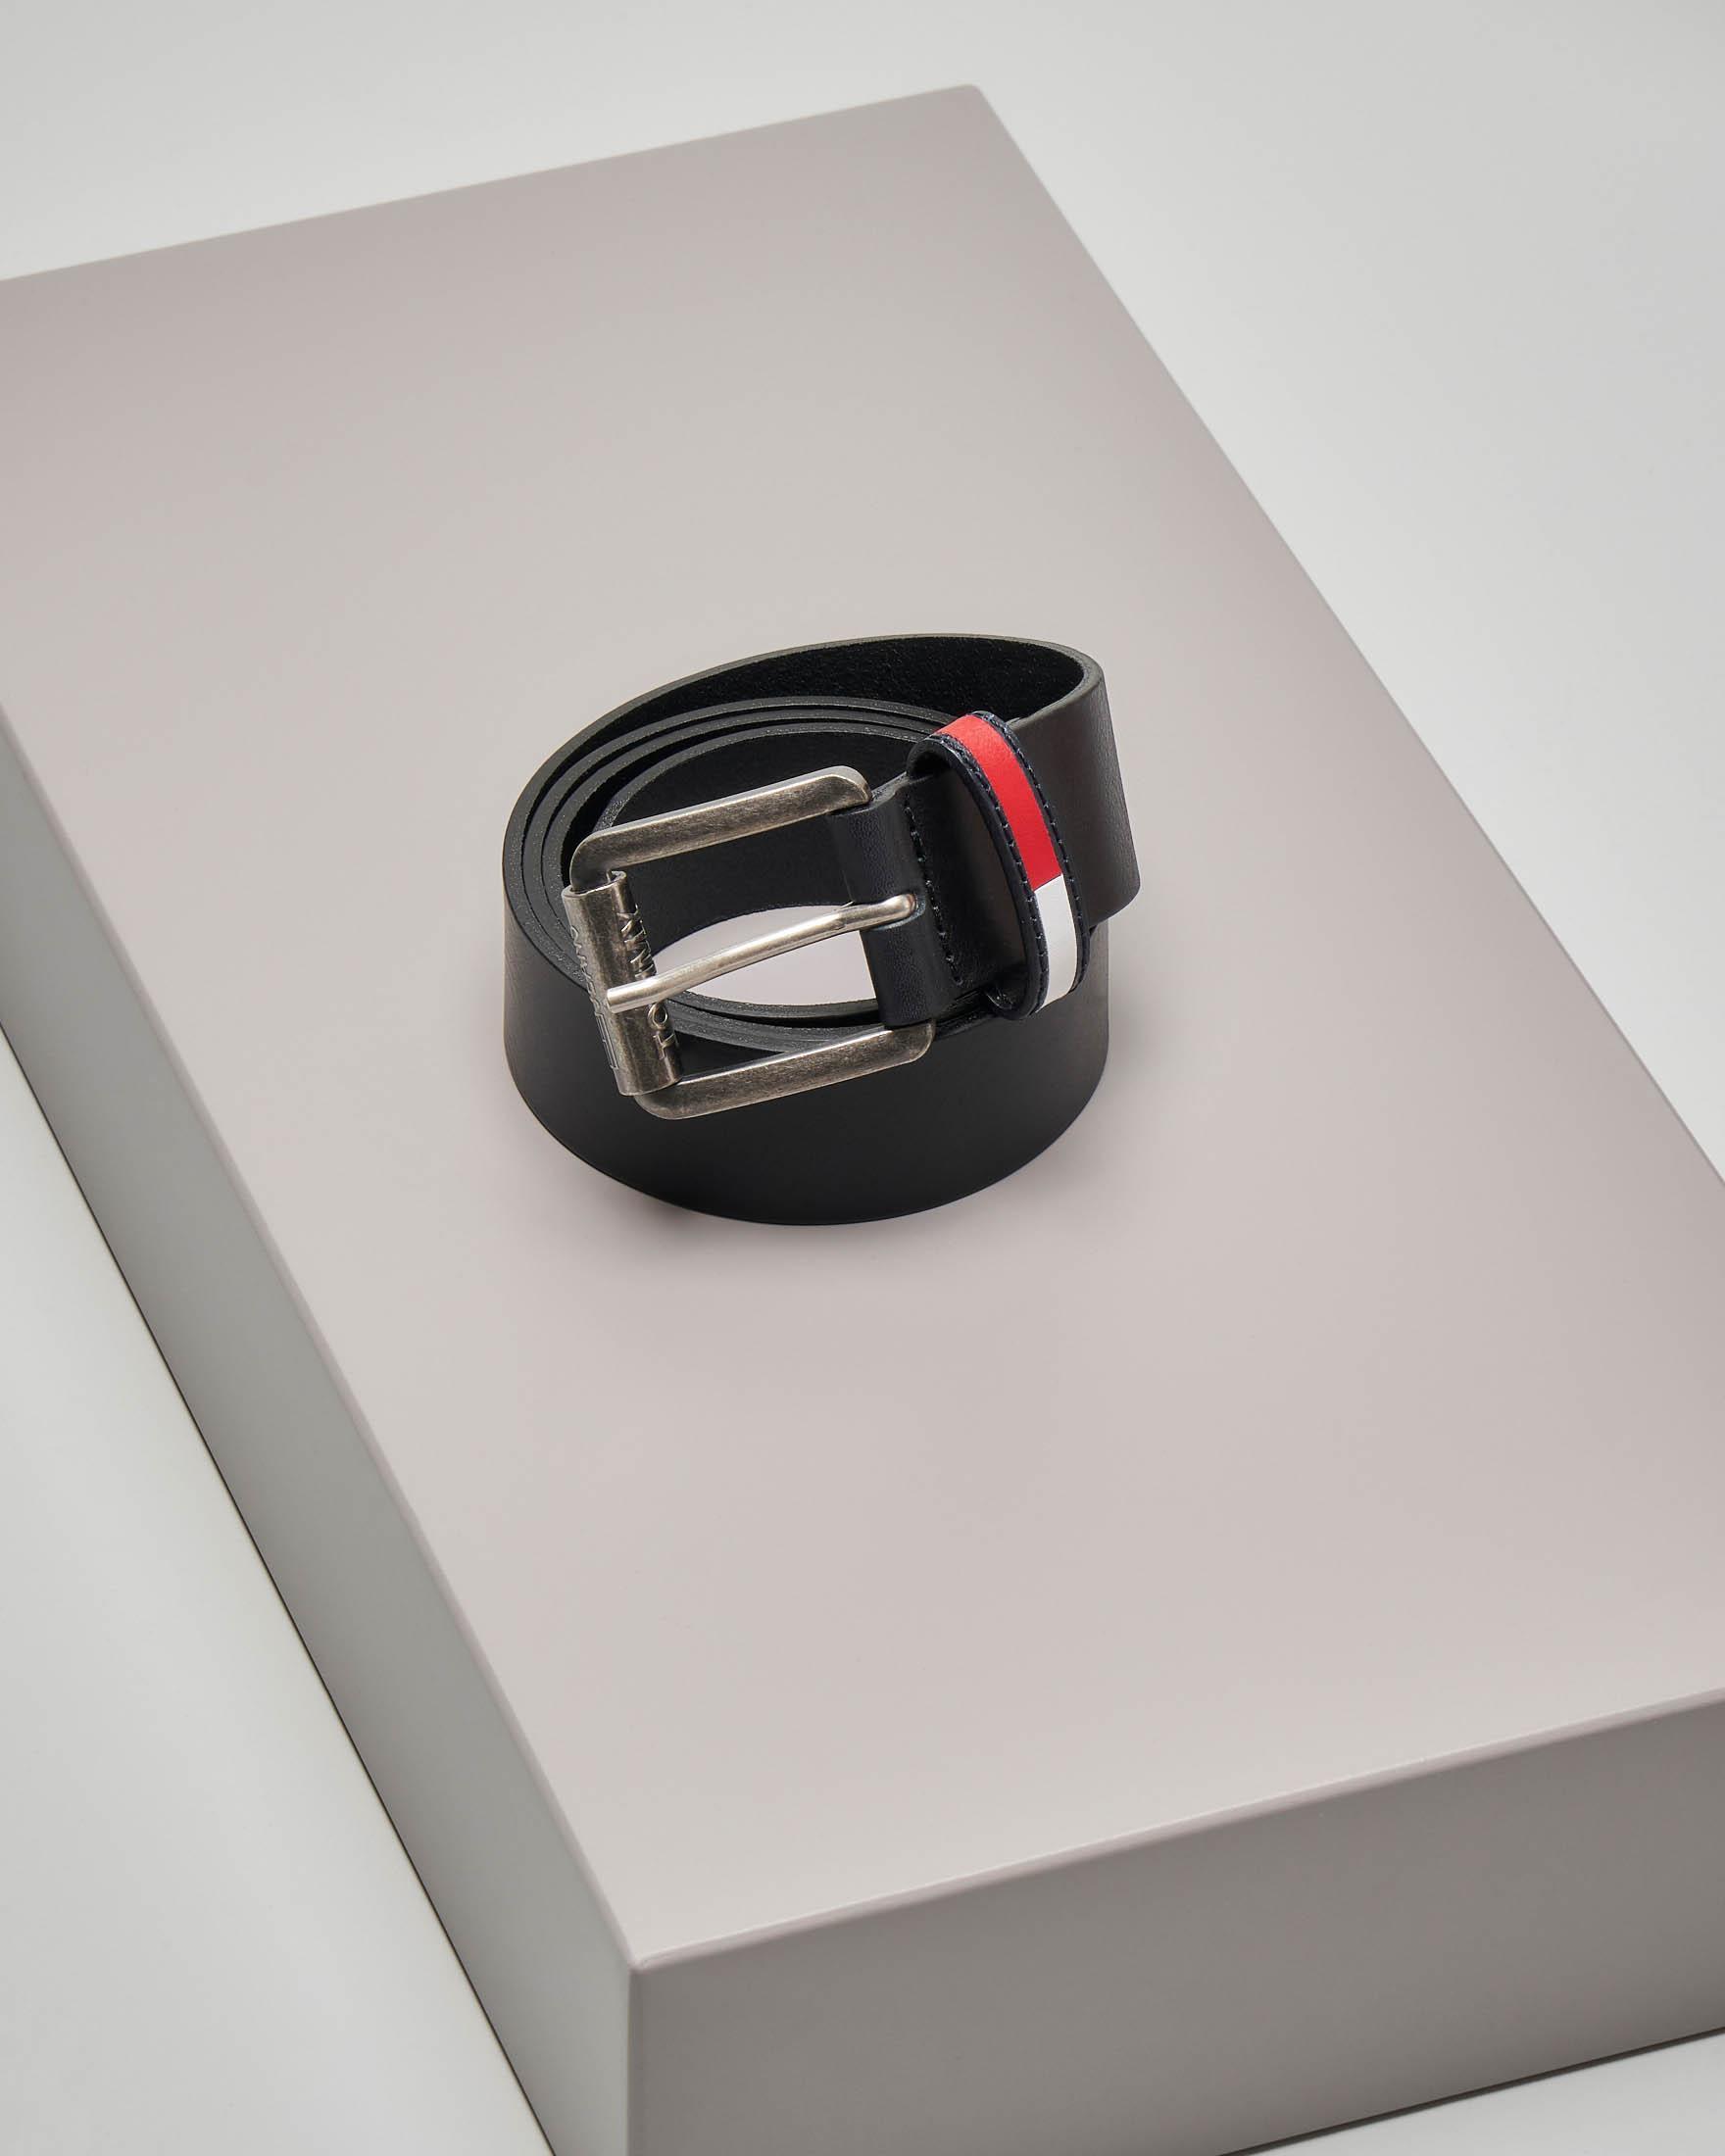 Cintura nera in pelle liscia con fibbia brunita